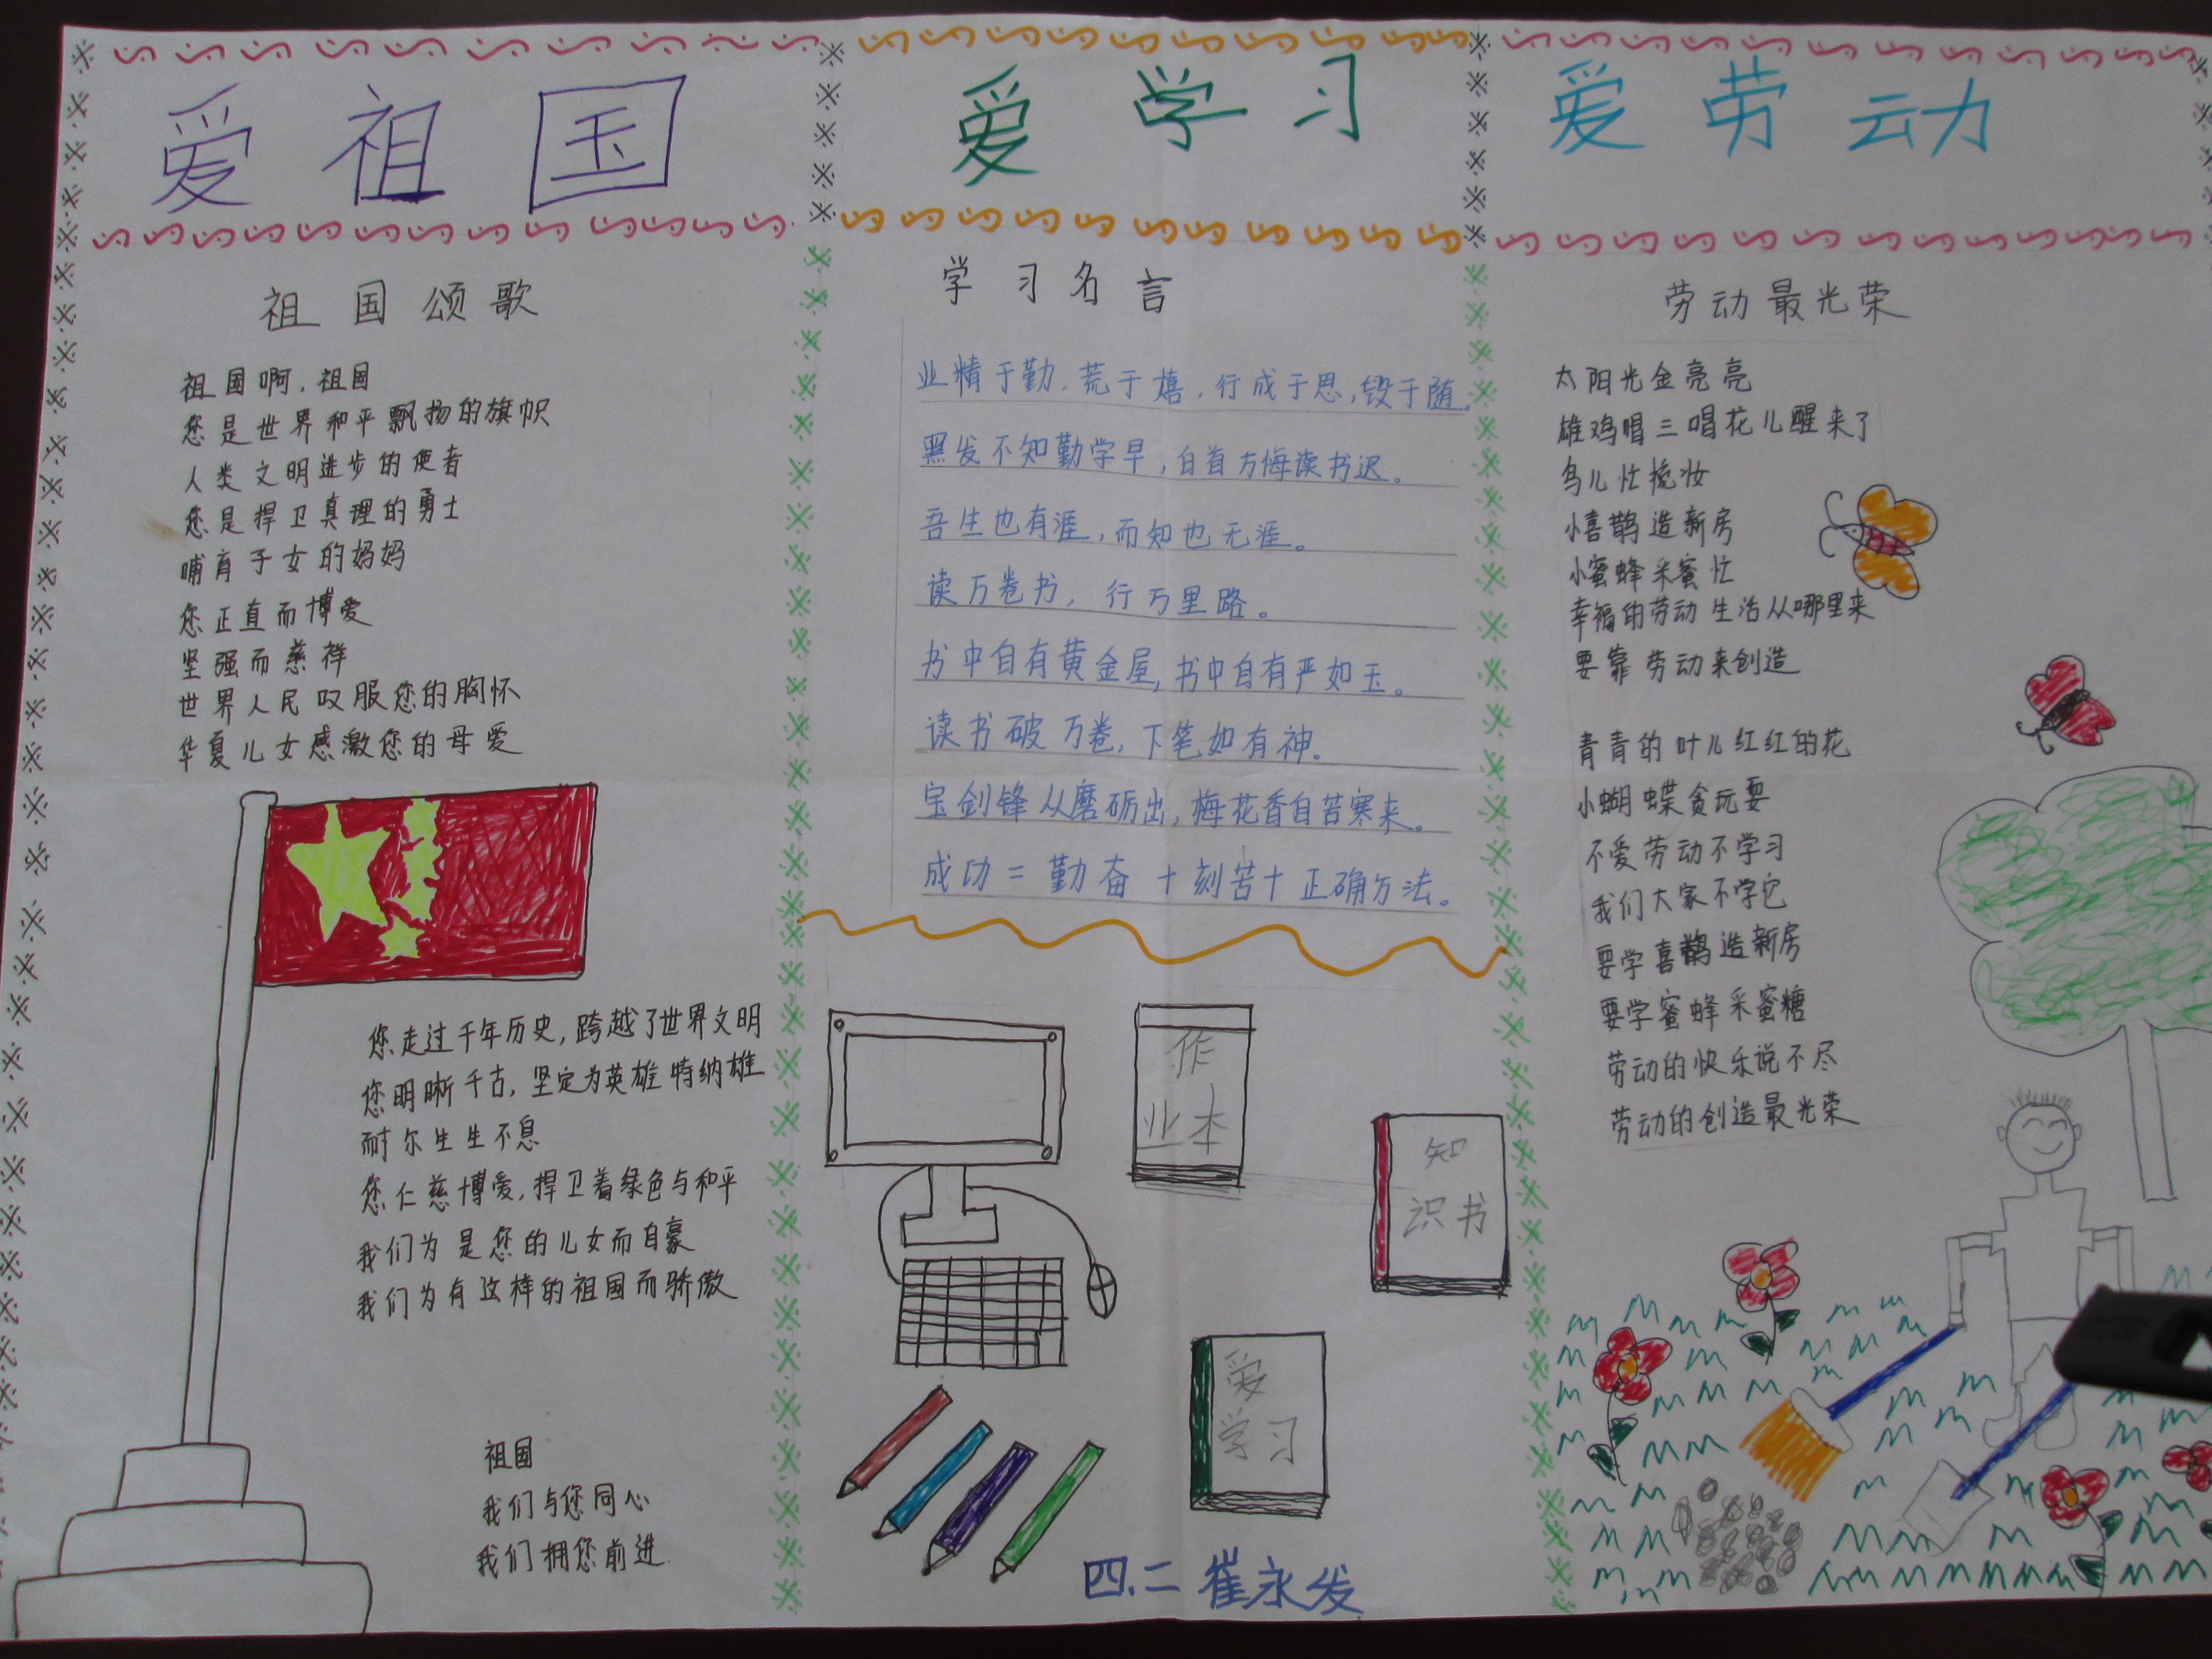 三爱手抄报 - 美丽中国,红领巾社会实践活动 - 活动